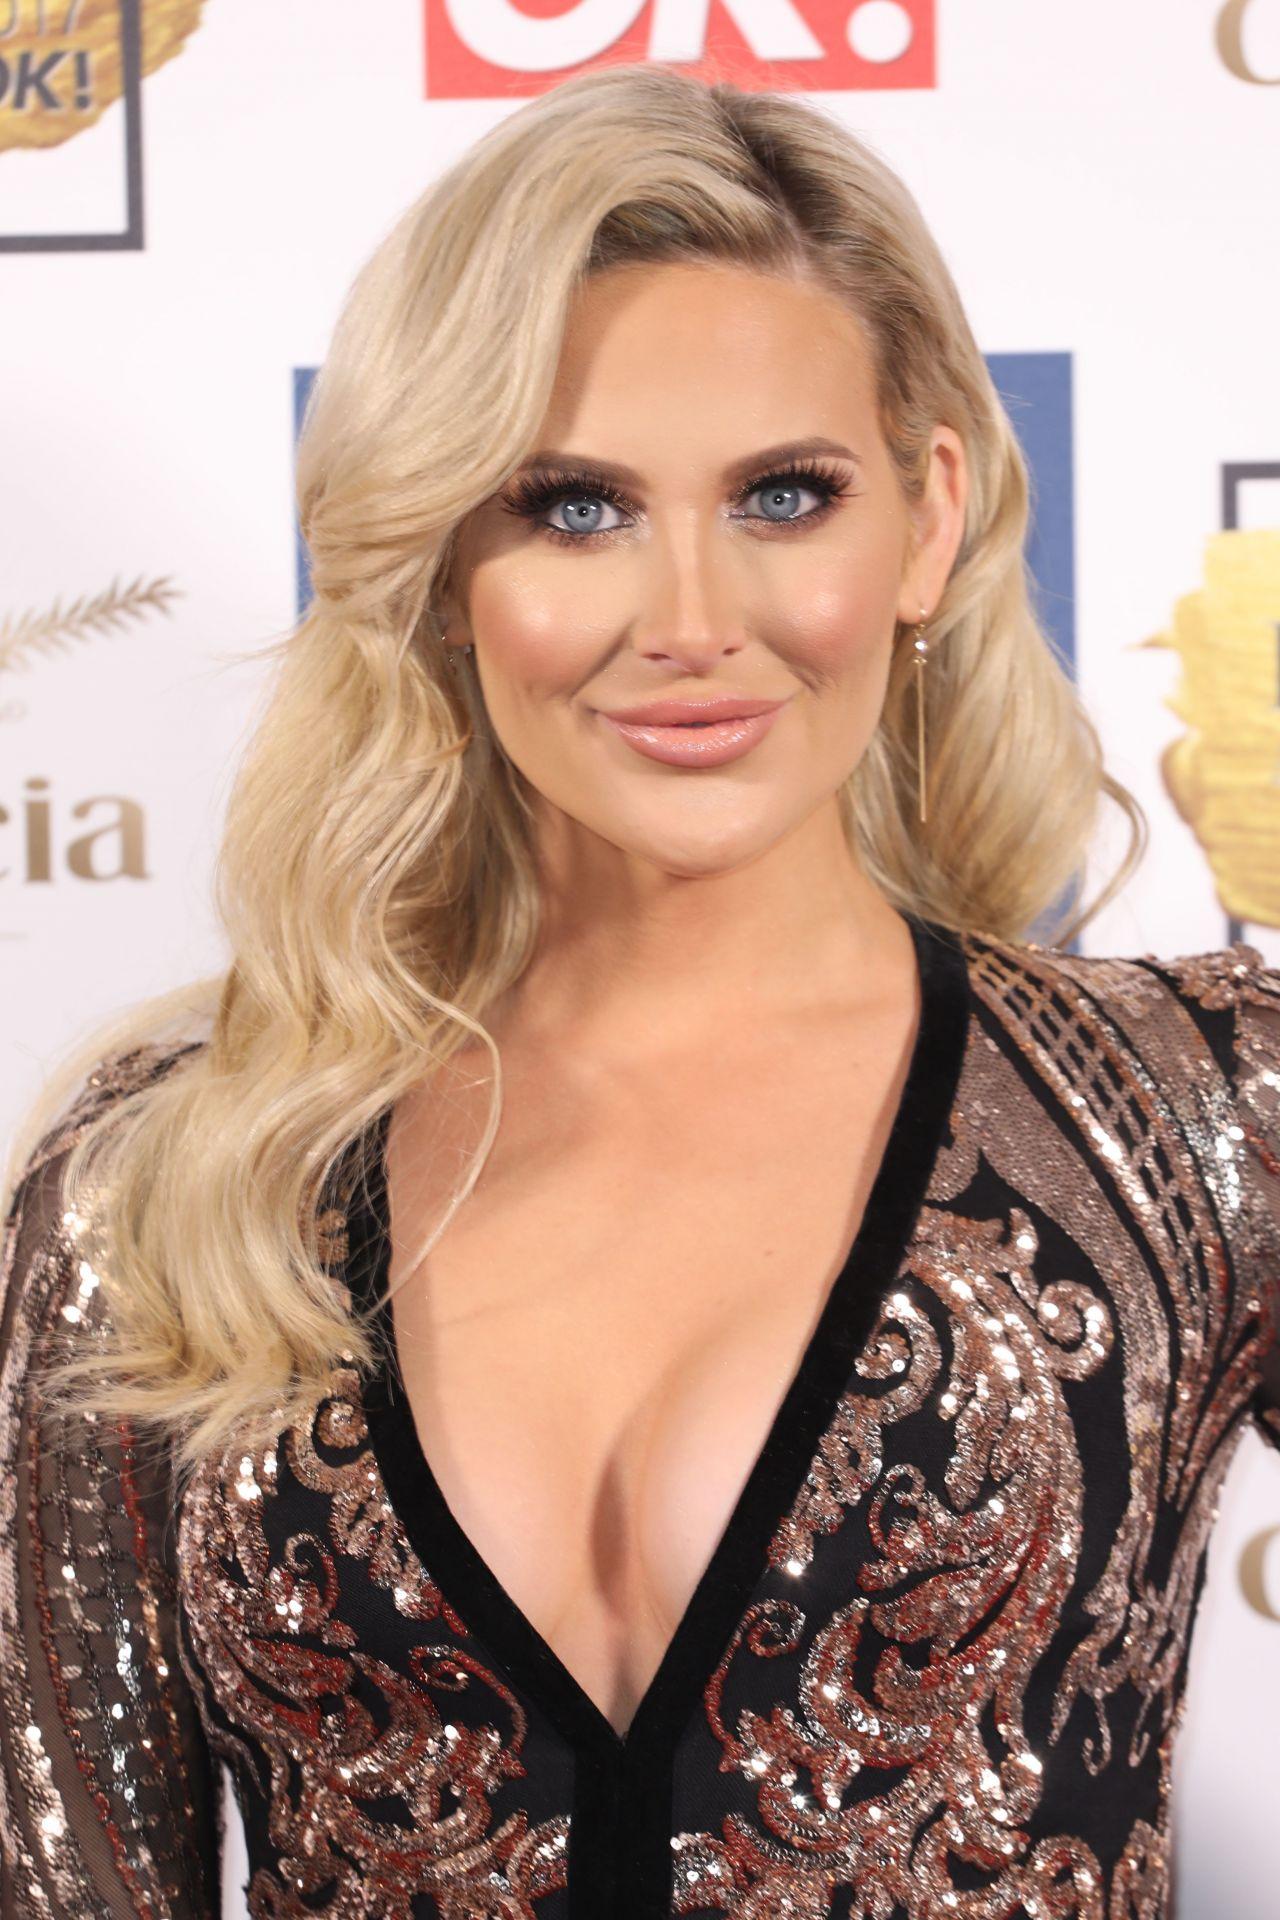 Stephanie Pratt Beauty Awards With Ok In London